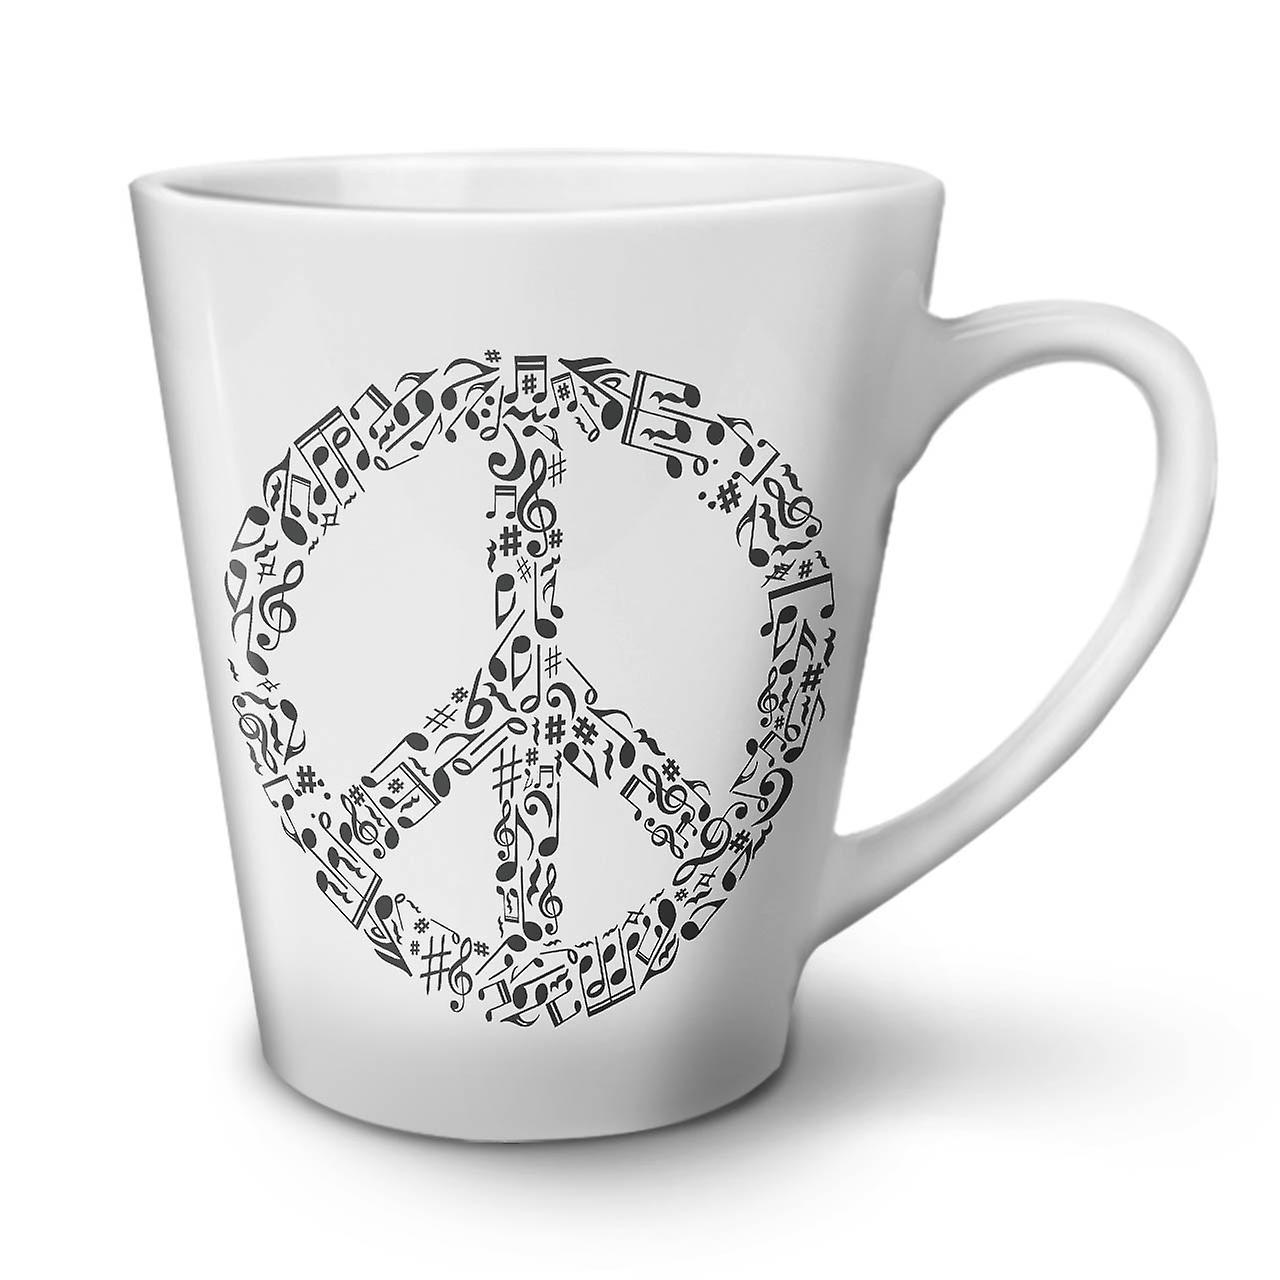 Café Blanche La Céramique Nouvelle Signe 12 Musique Latte Rasta De Tasse OzWellcoda En Paix nO0wk8P